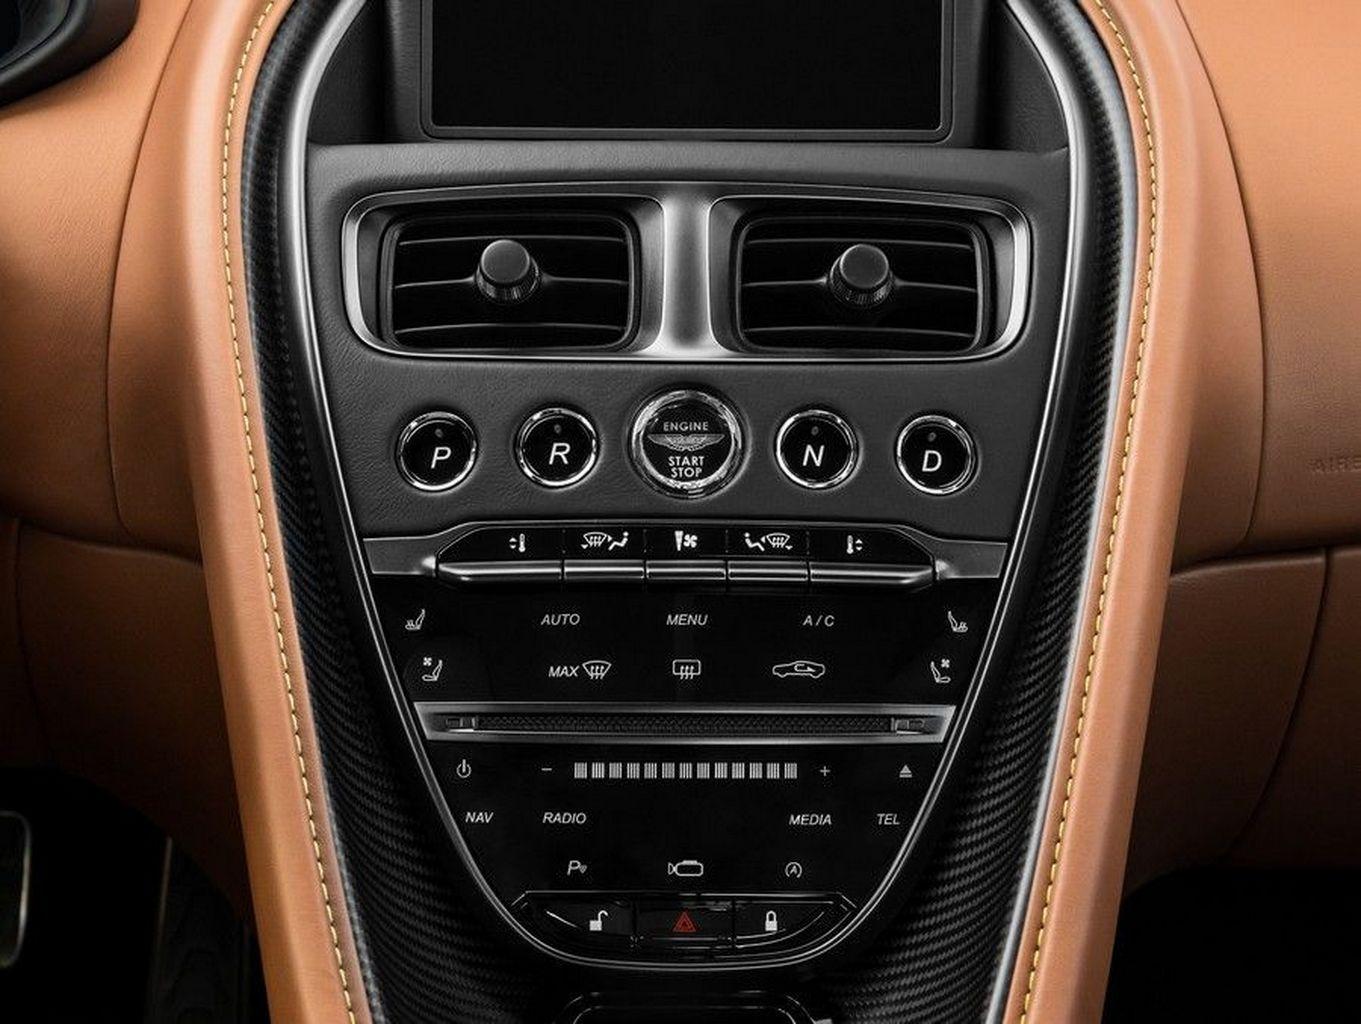 Aston Martin revela a versão mais nervosa do DB11, a AMR | KBB com br